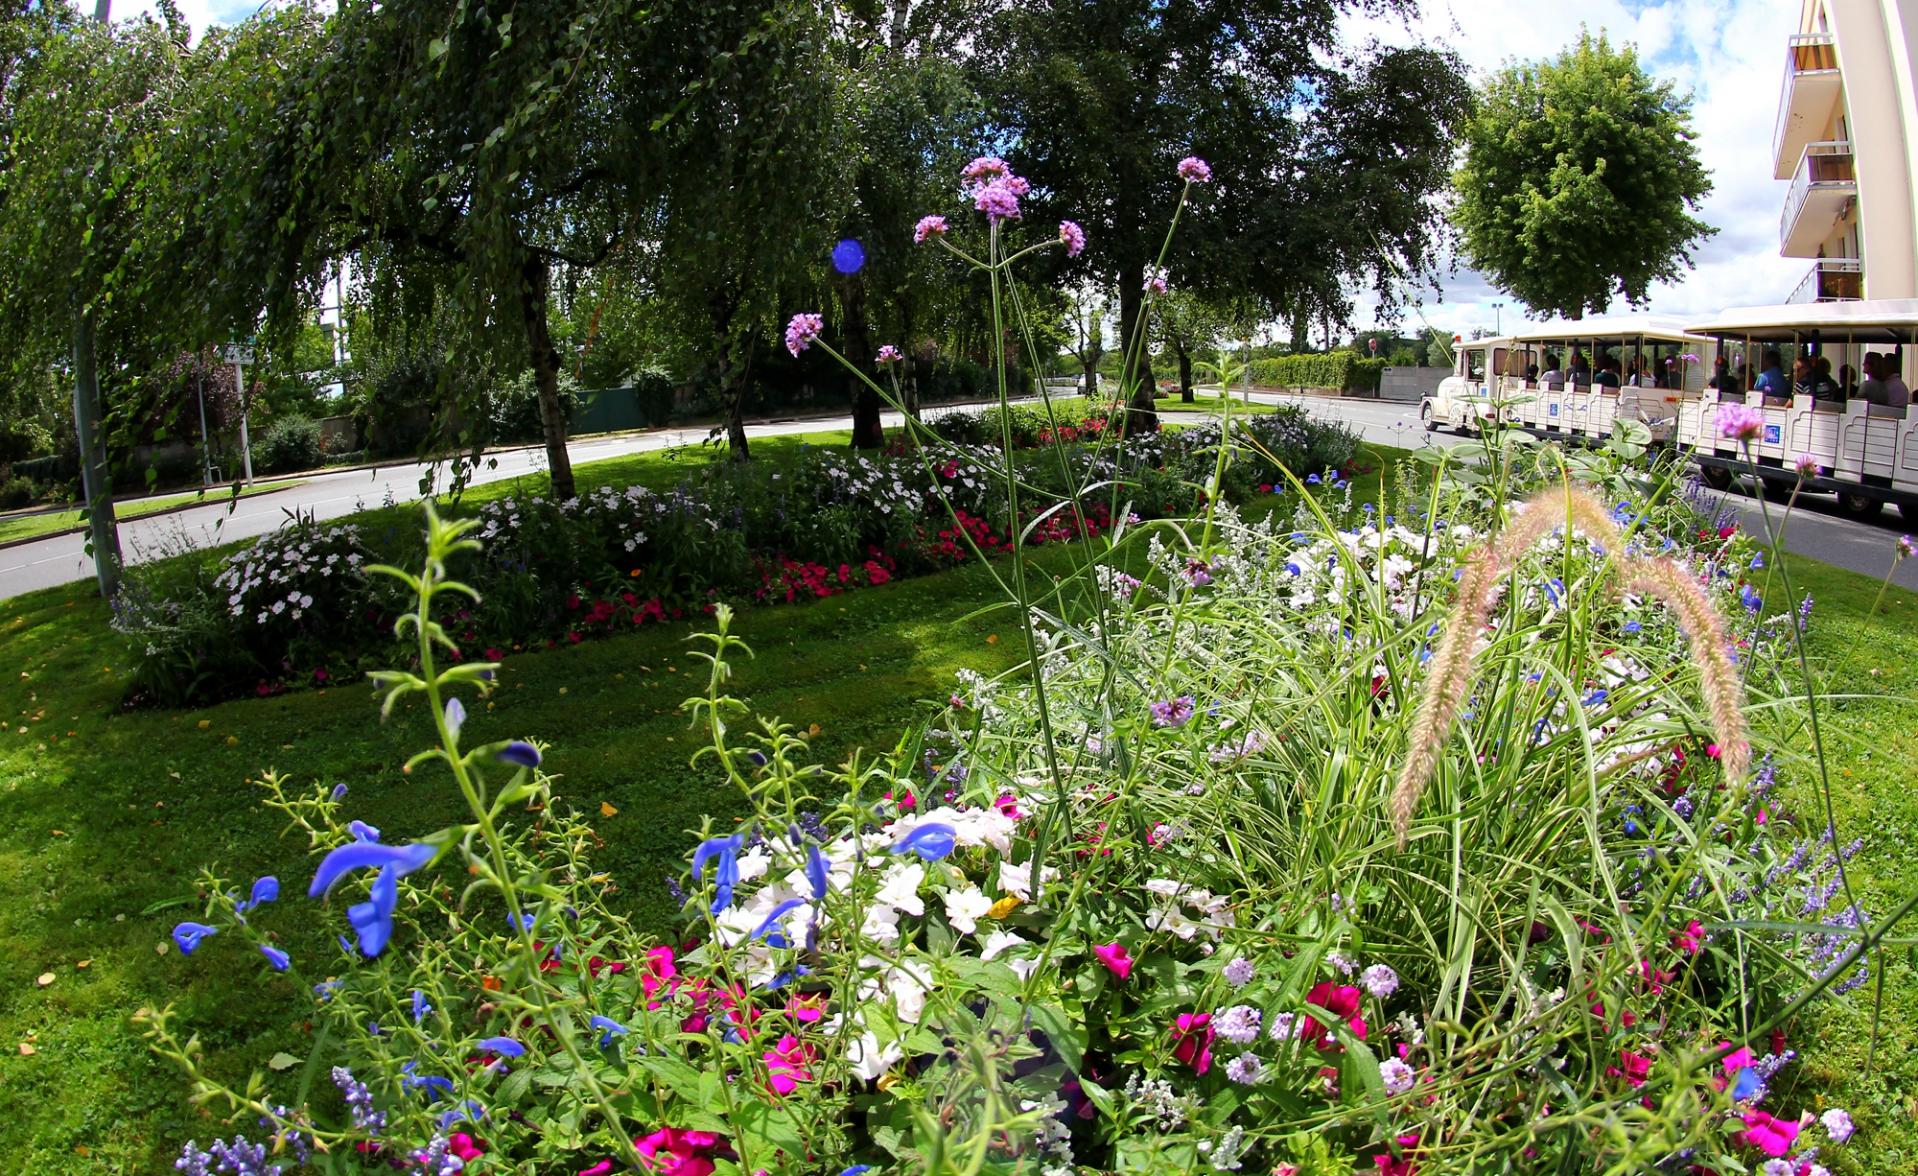 Espaces verts vichy ville fleurie for Importance des espaces verts